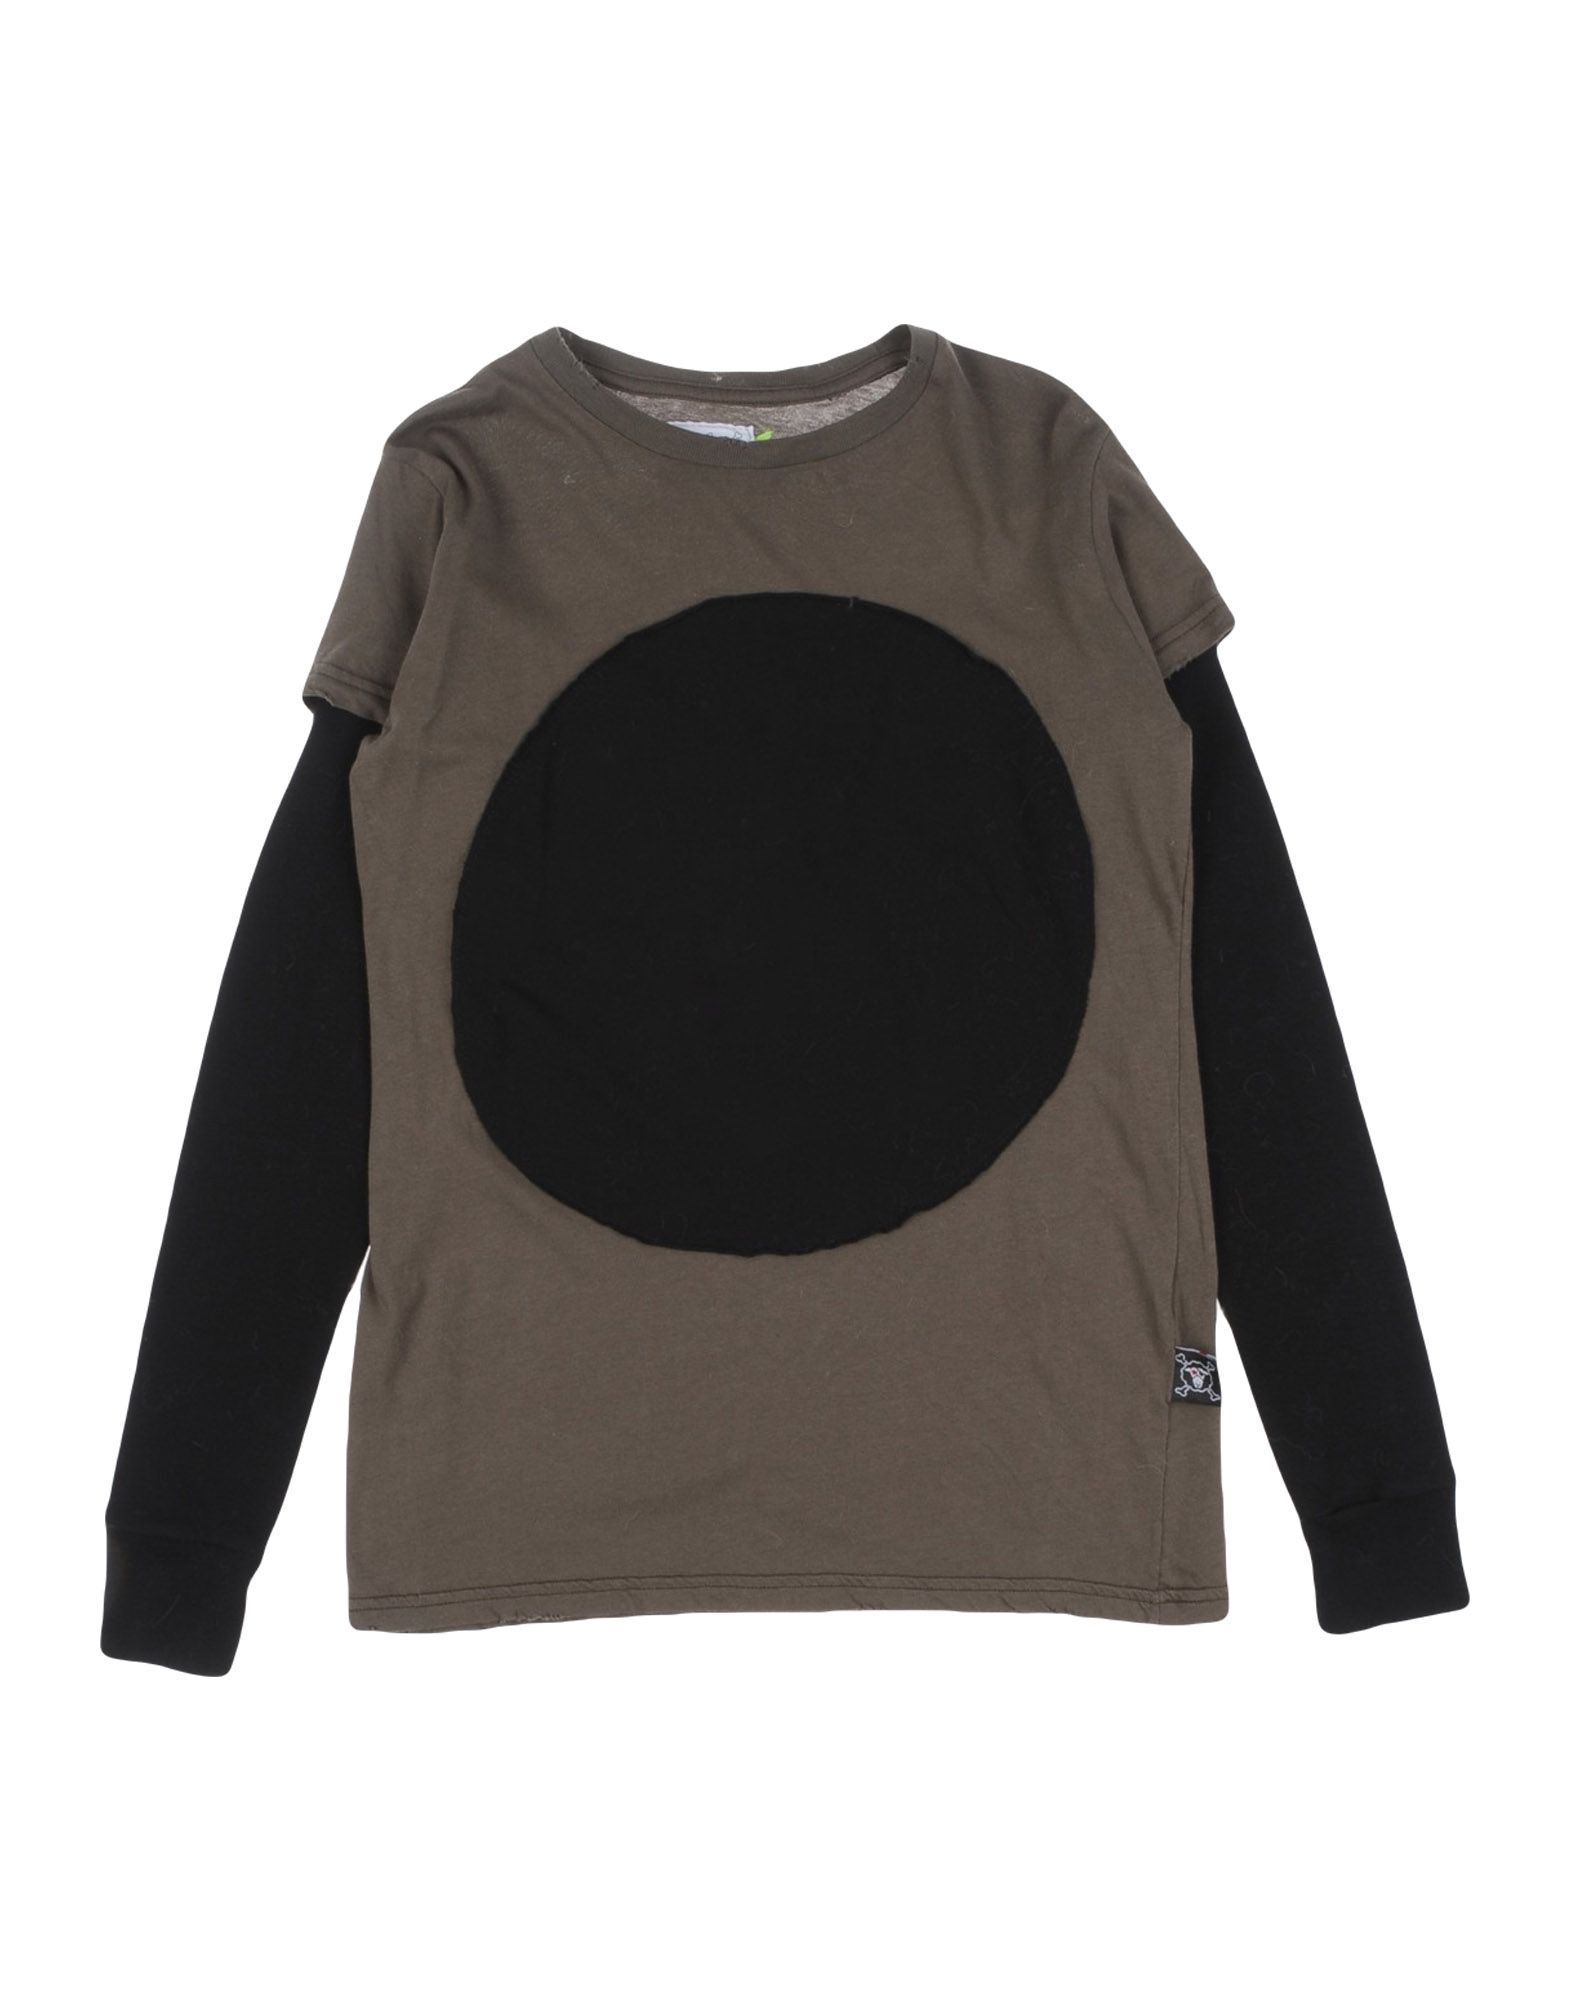 NUNUNU Mädchen 9-16 jahre T-shirts Farbe Militärgrün Größe 4